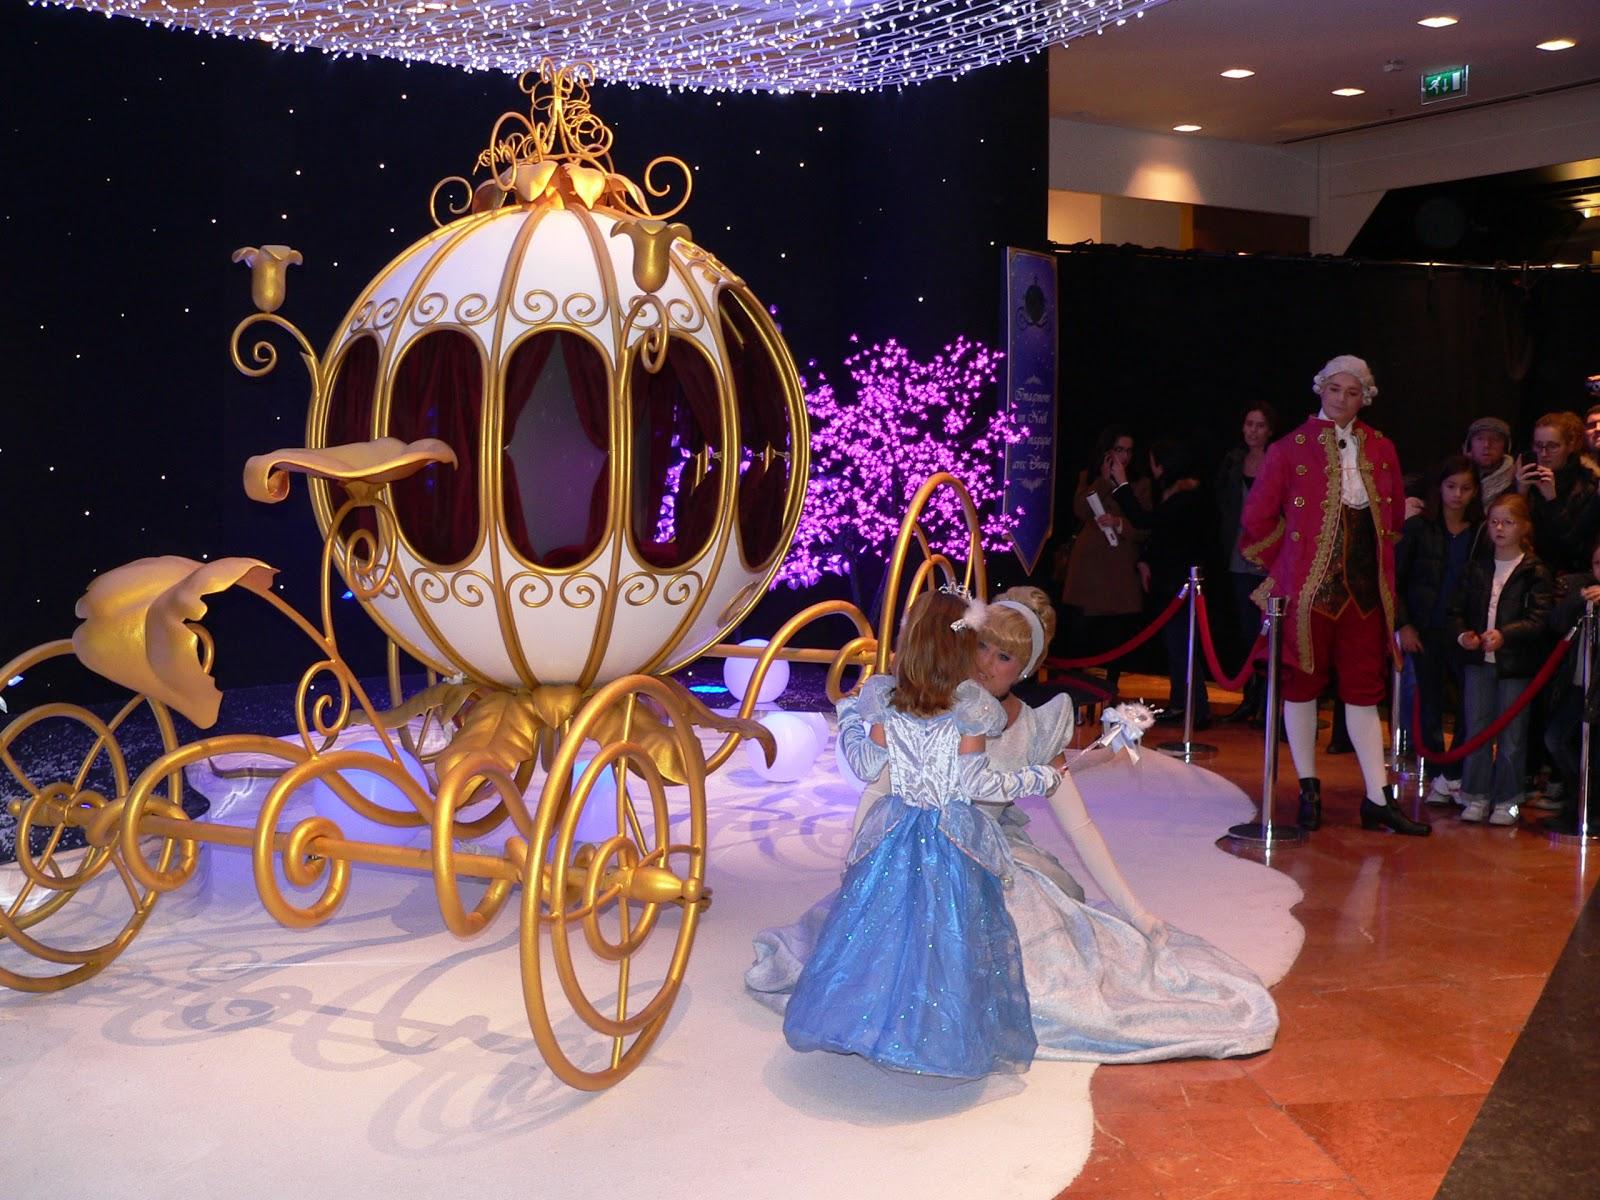 814fe0d07baaa ... Lafayette la célèbre princesse est venue nous saluer en carrosse  accompagnée de ses fidèles serviteurs et 3 petits bouts de choux sont  arrivés pour lui ...